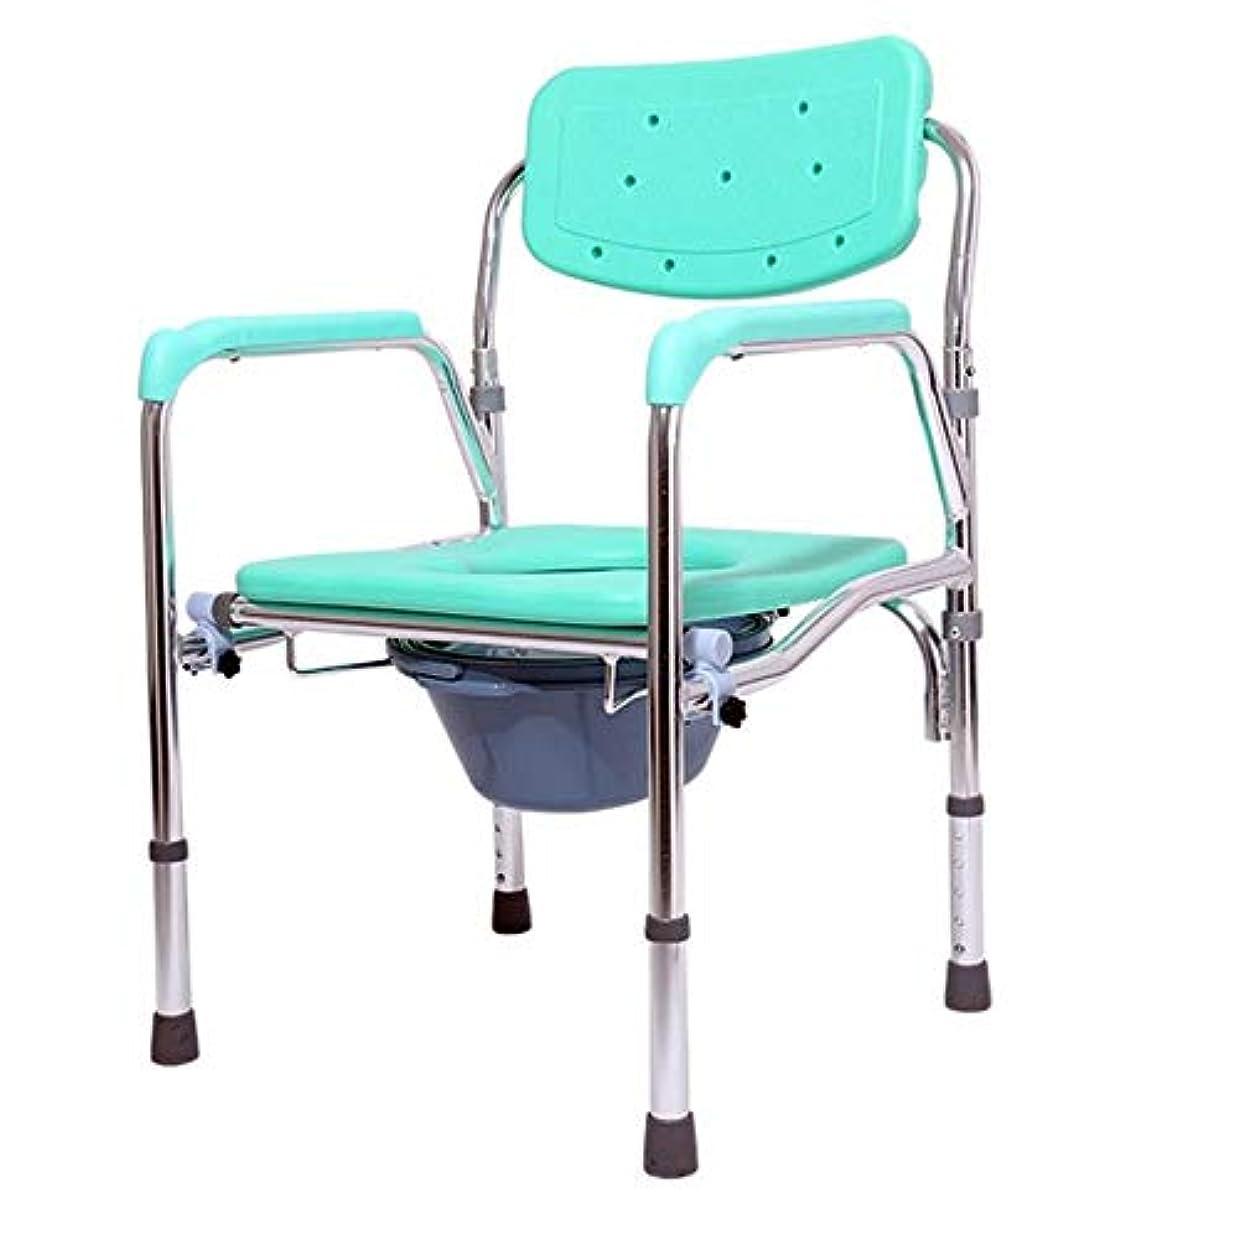 スペル隠グラス調節可能なシャワーベンチ、可動性のための調節可能な背中とアームレストを備えたポータブル医療スツール